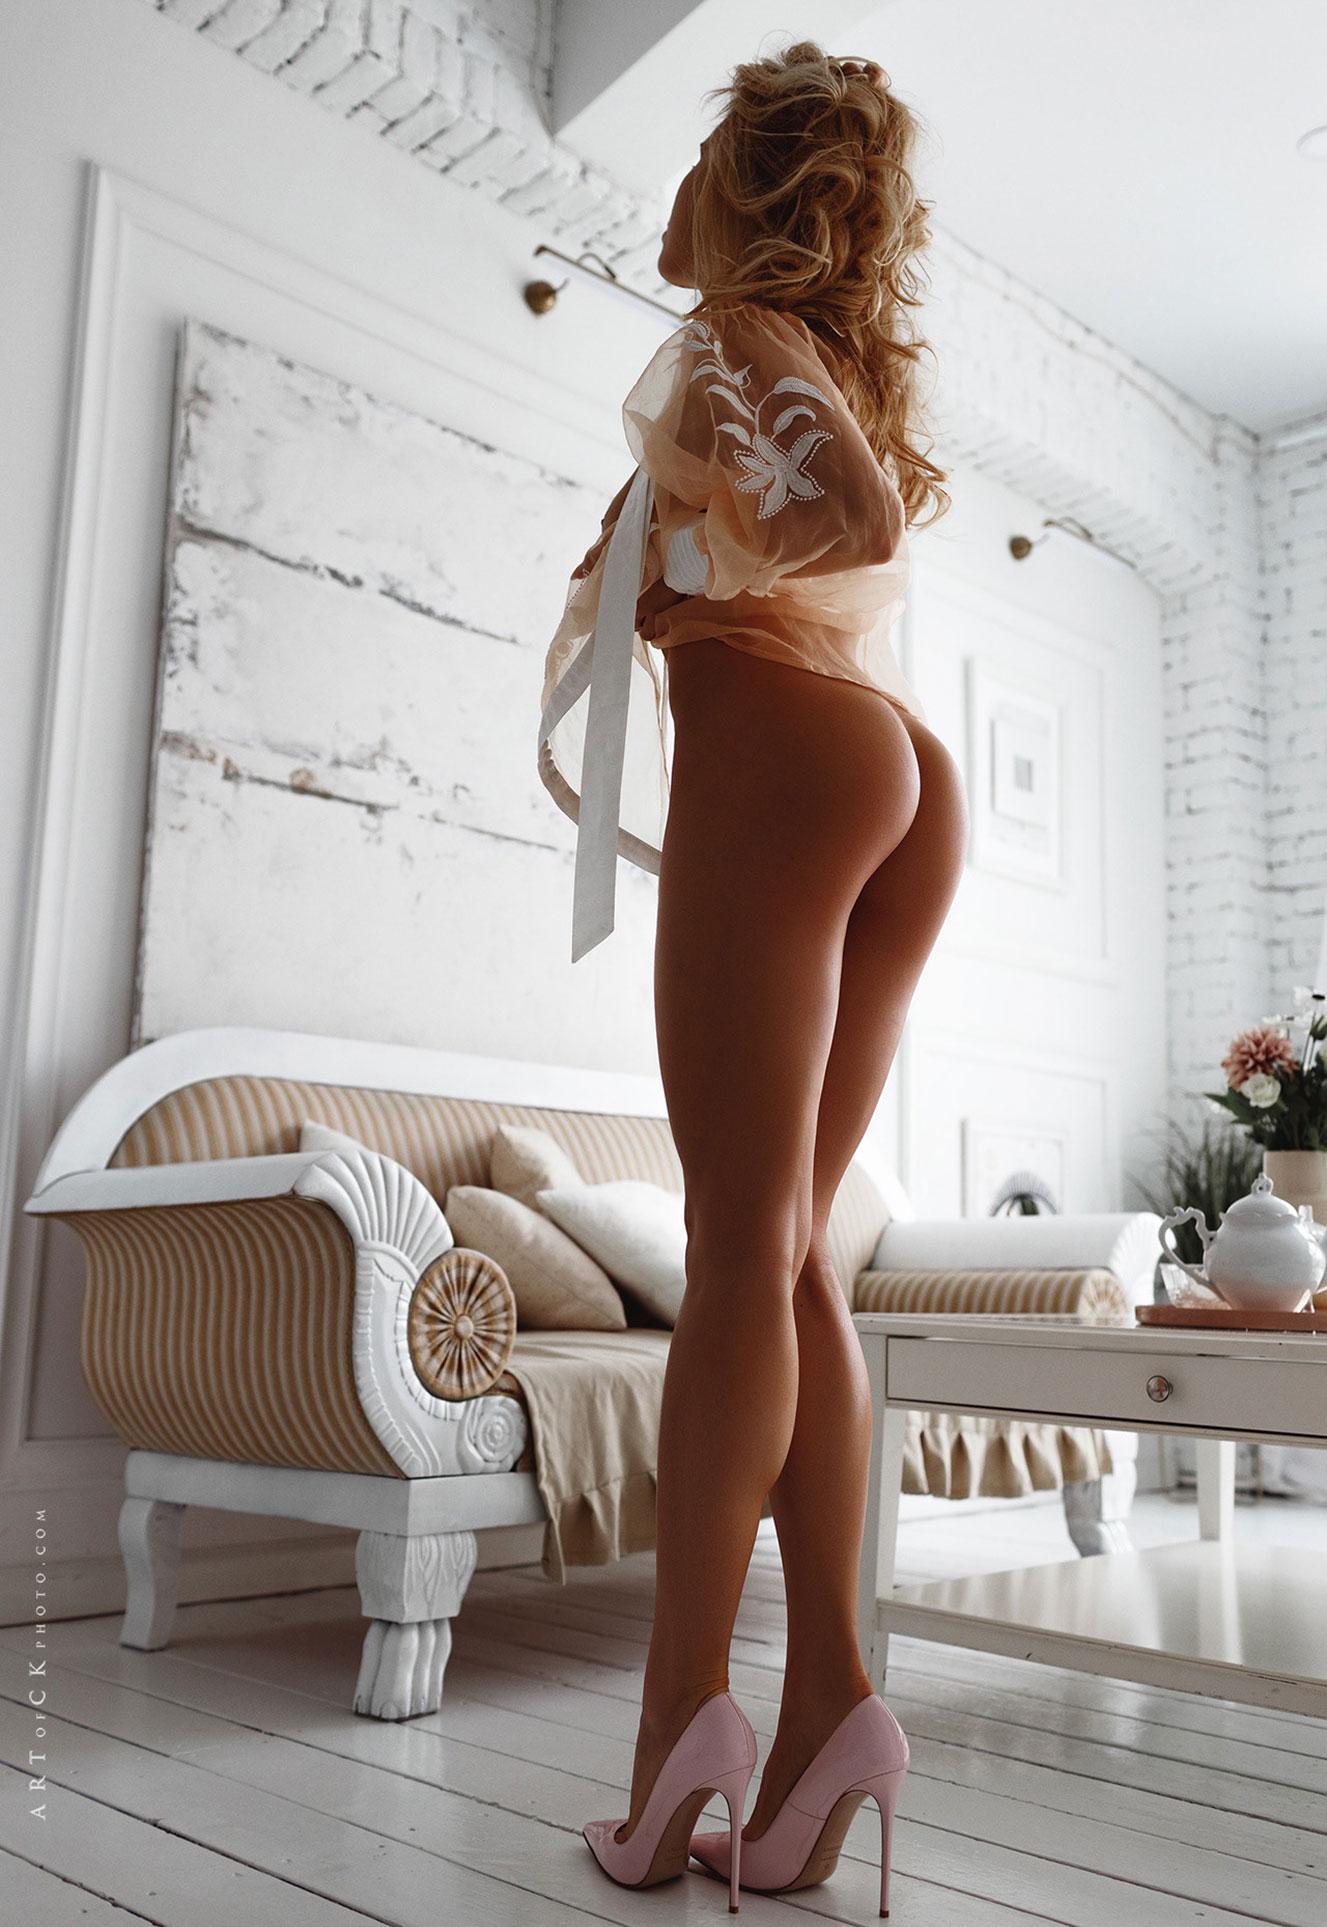 самая сексуальная русская медсестра в домашней обстановке / фото 04